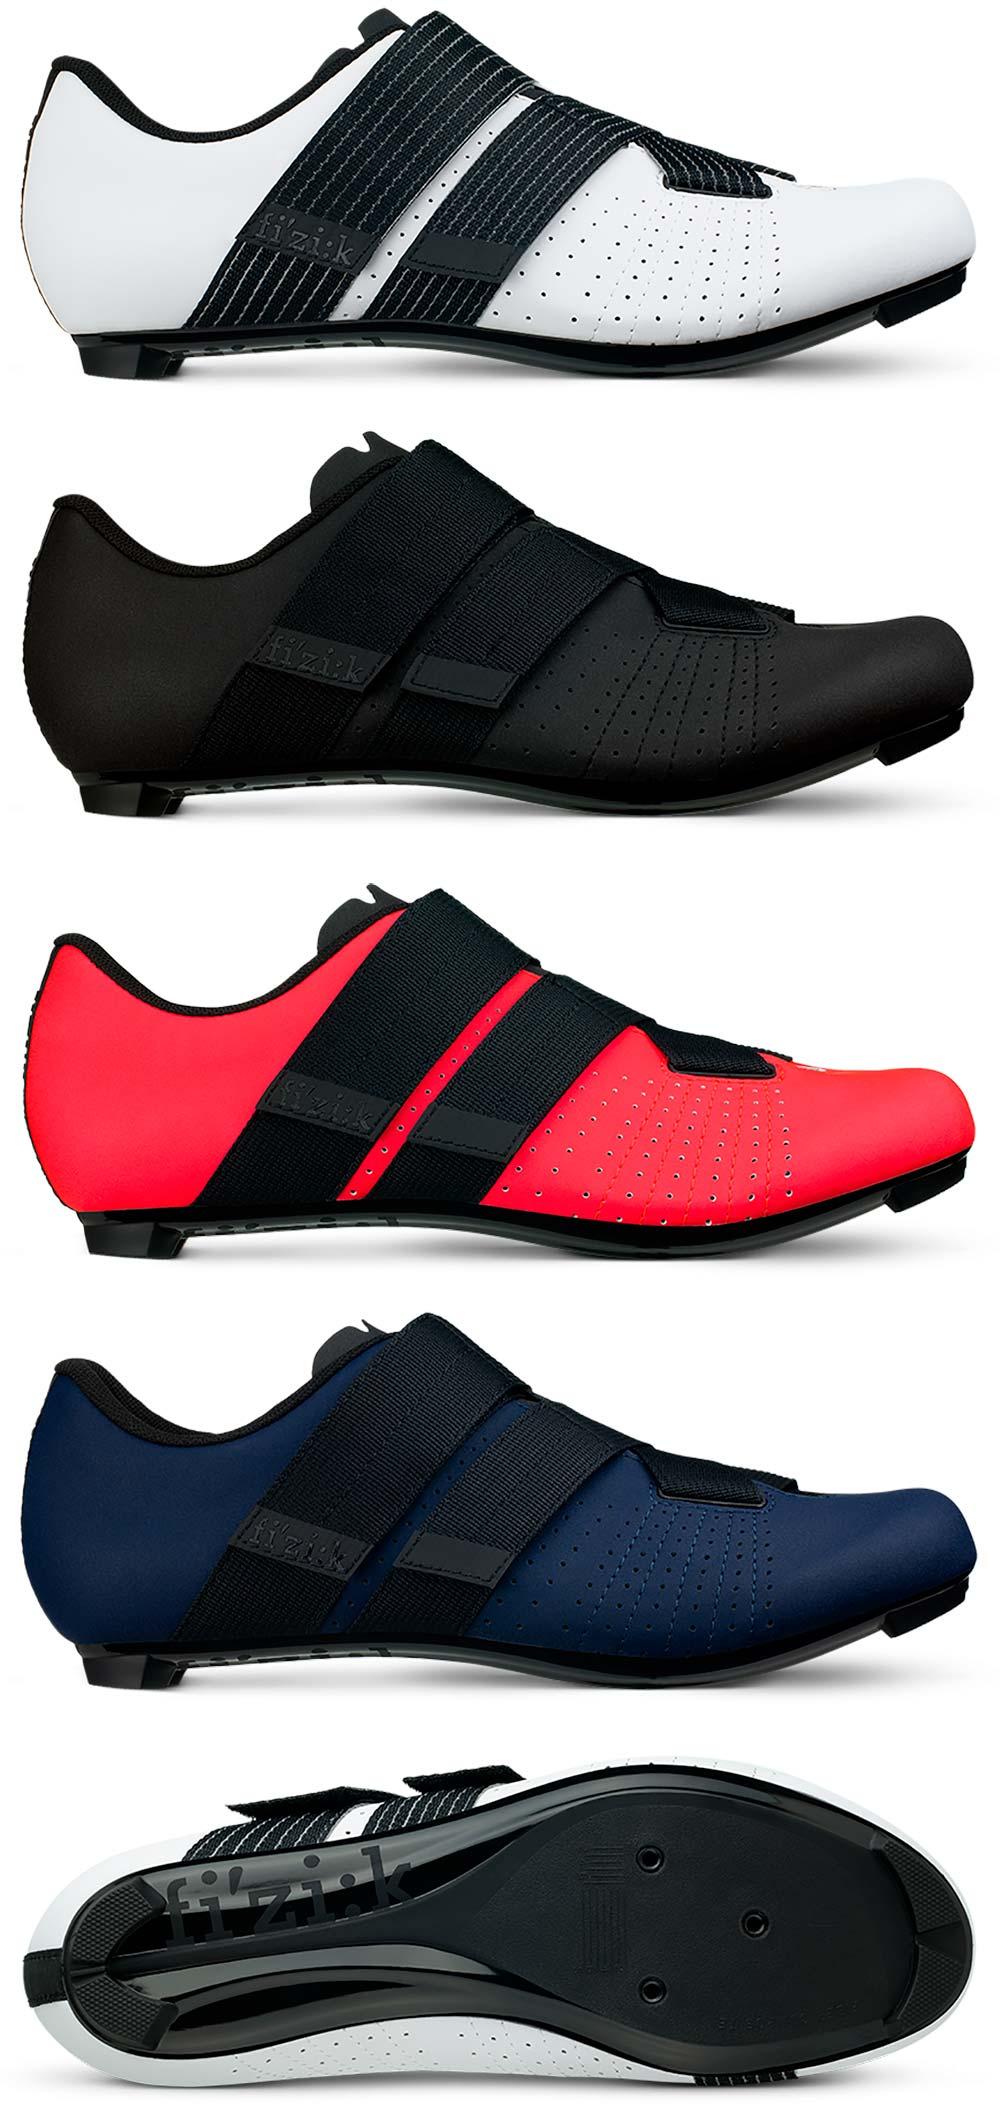 En TodoMountainBike: Fi'zi:k Tempo Powerstrap R5, un calzado de carretera que da una vuelta de tuerca a los cierres de velcro